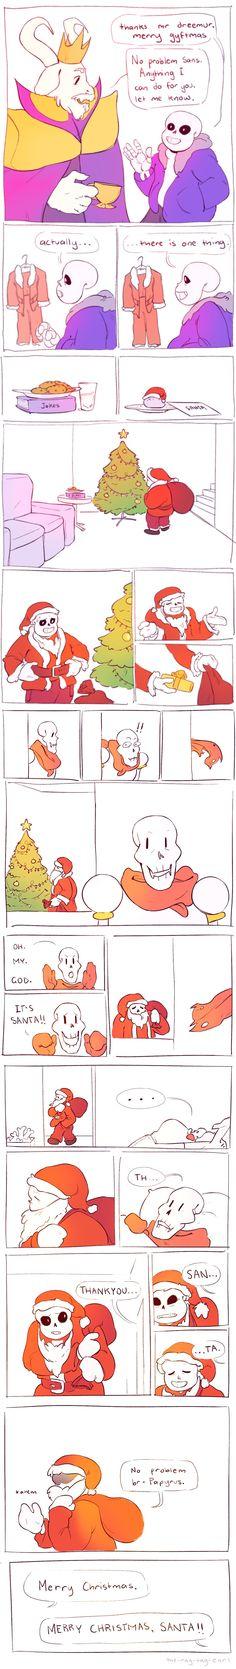 Sans and Papyrus - comic - Christmas